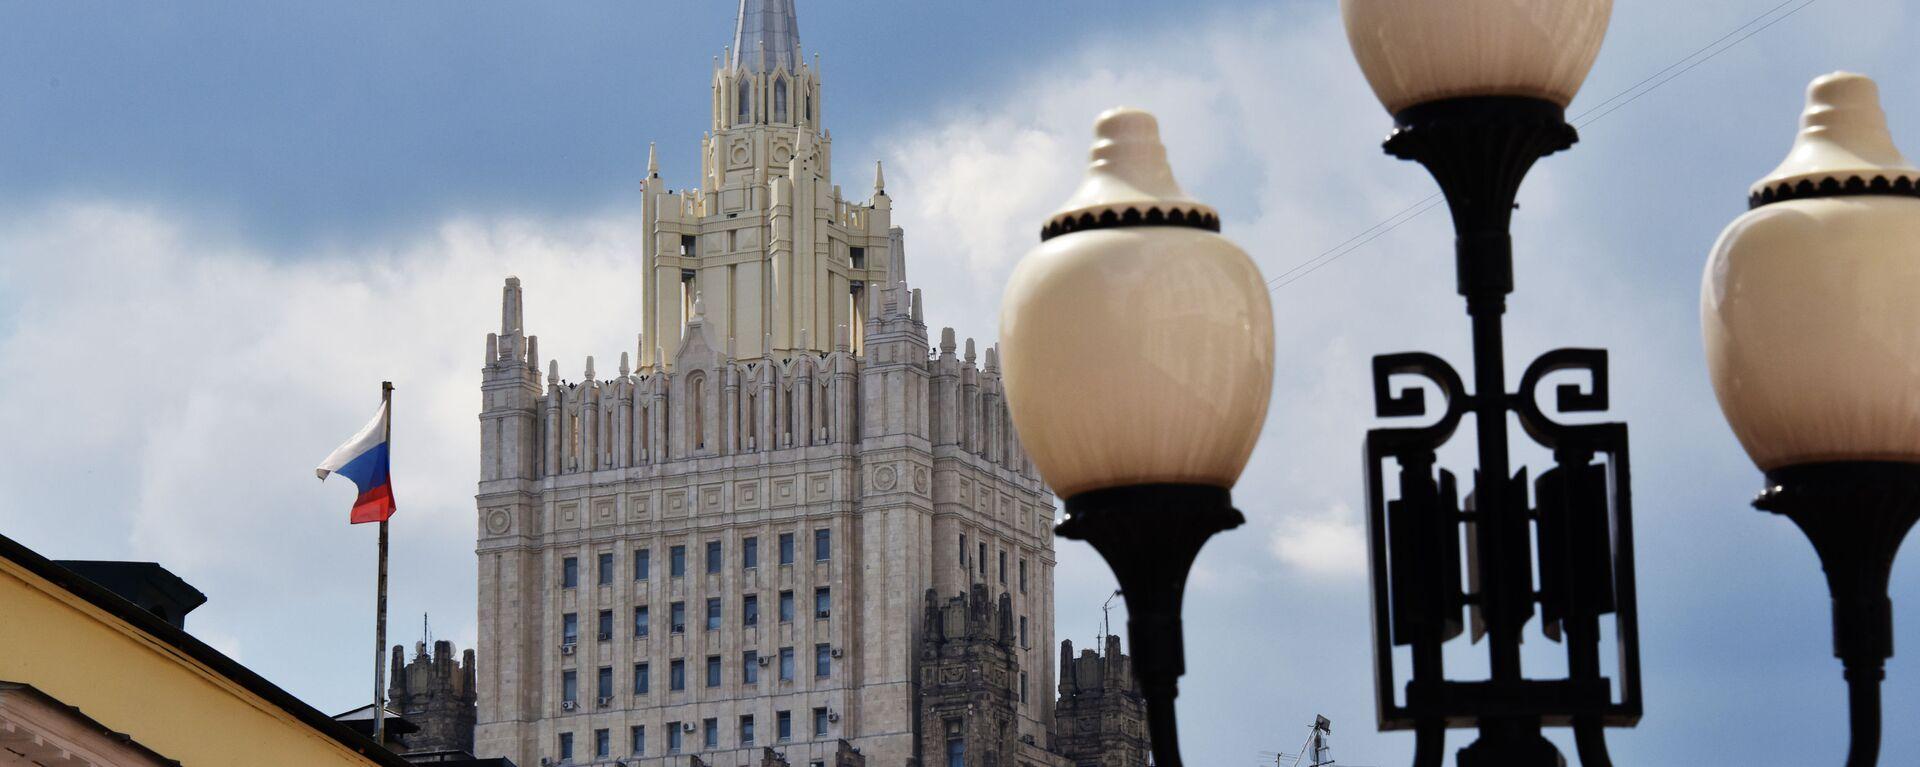 Ministerstvo zahraničních věcí v Moskvě - Sputnik Česká republika, 1920, 02.09.2021